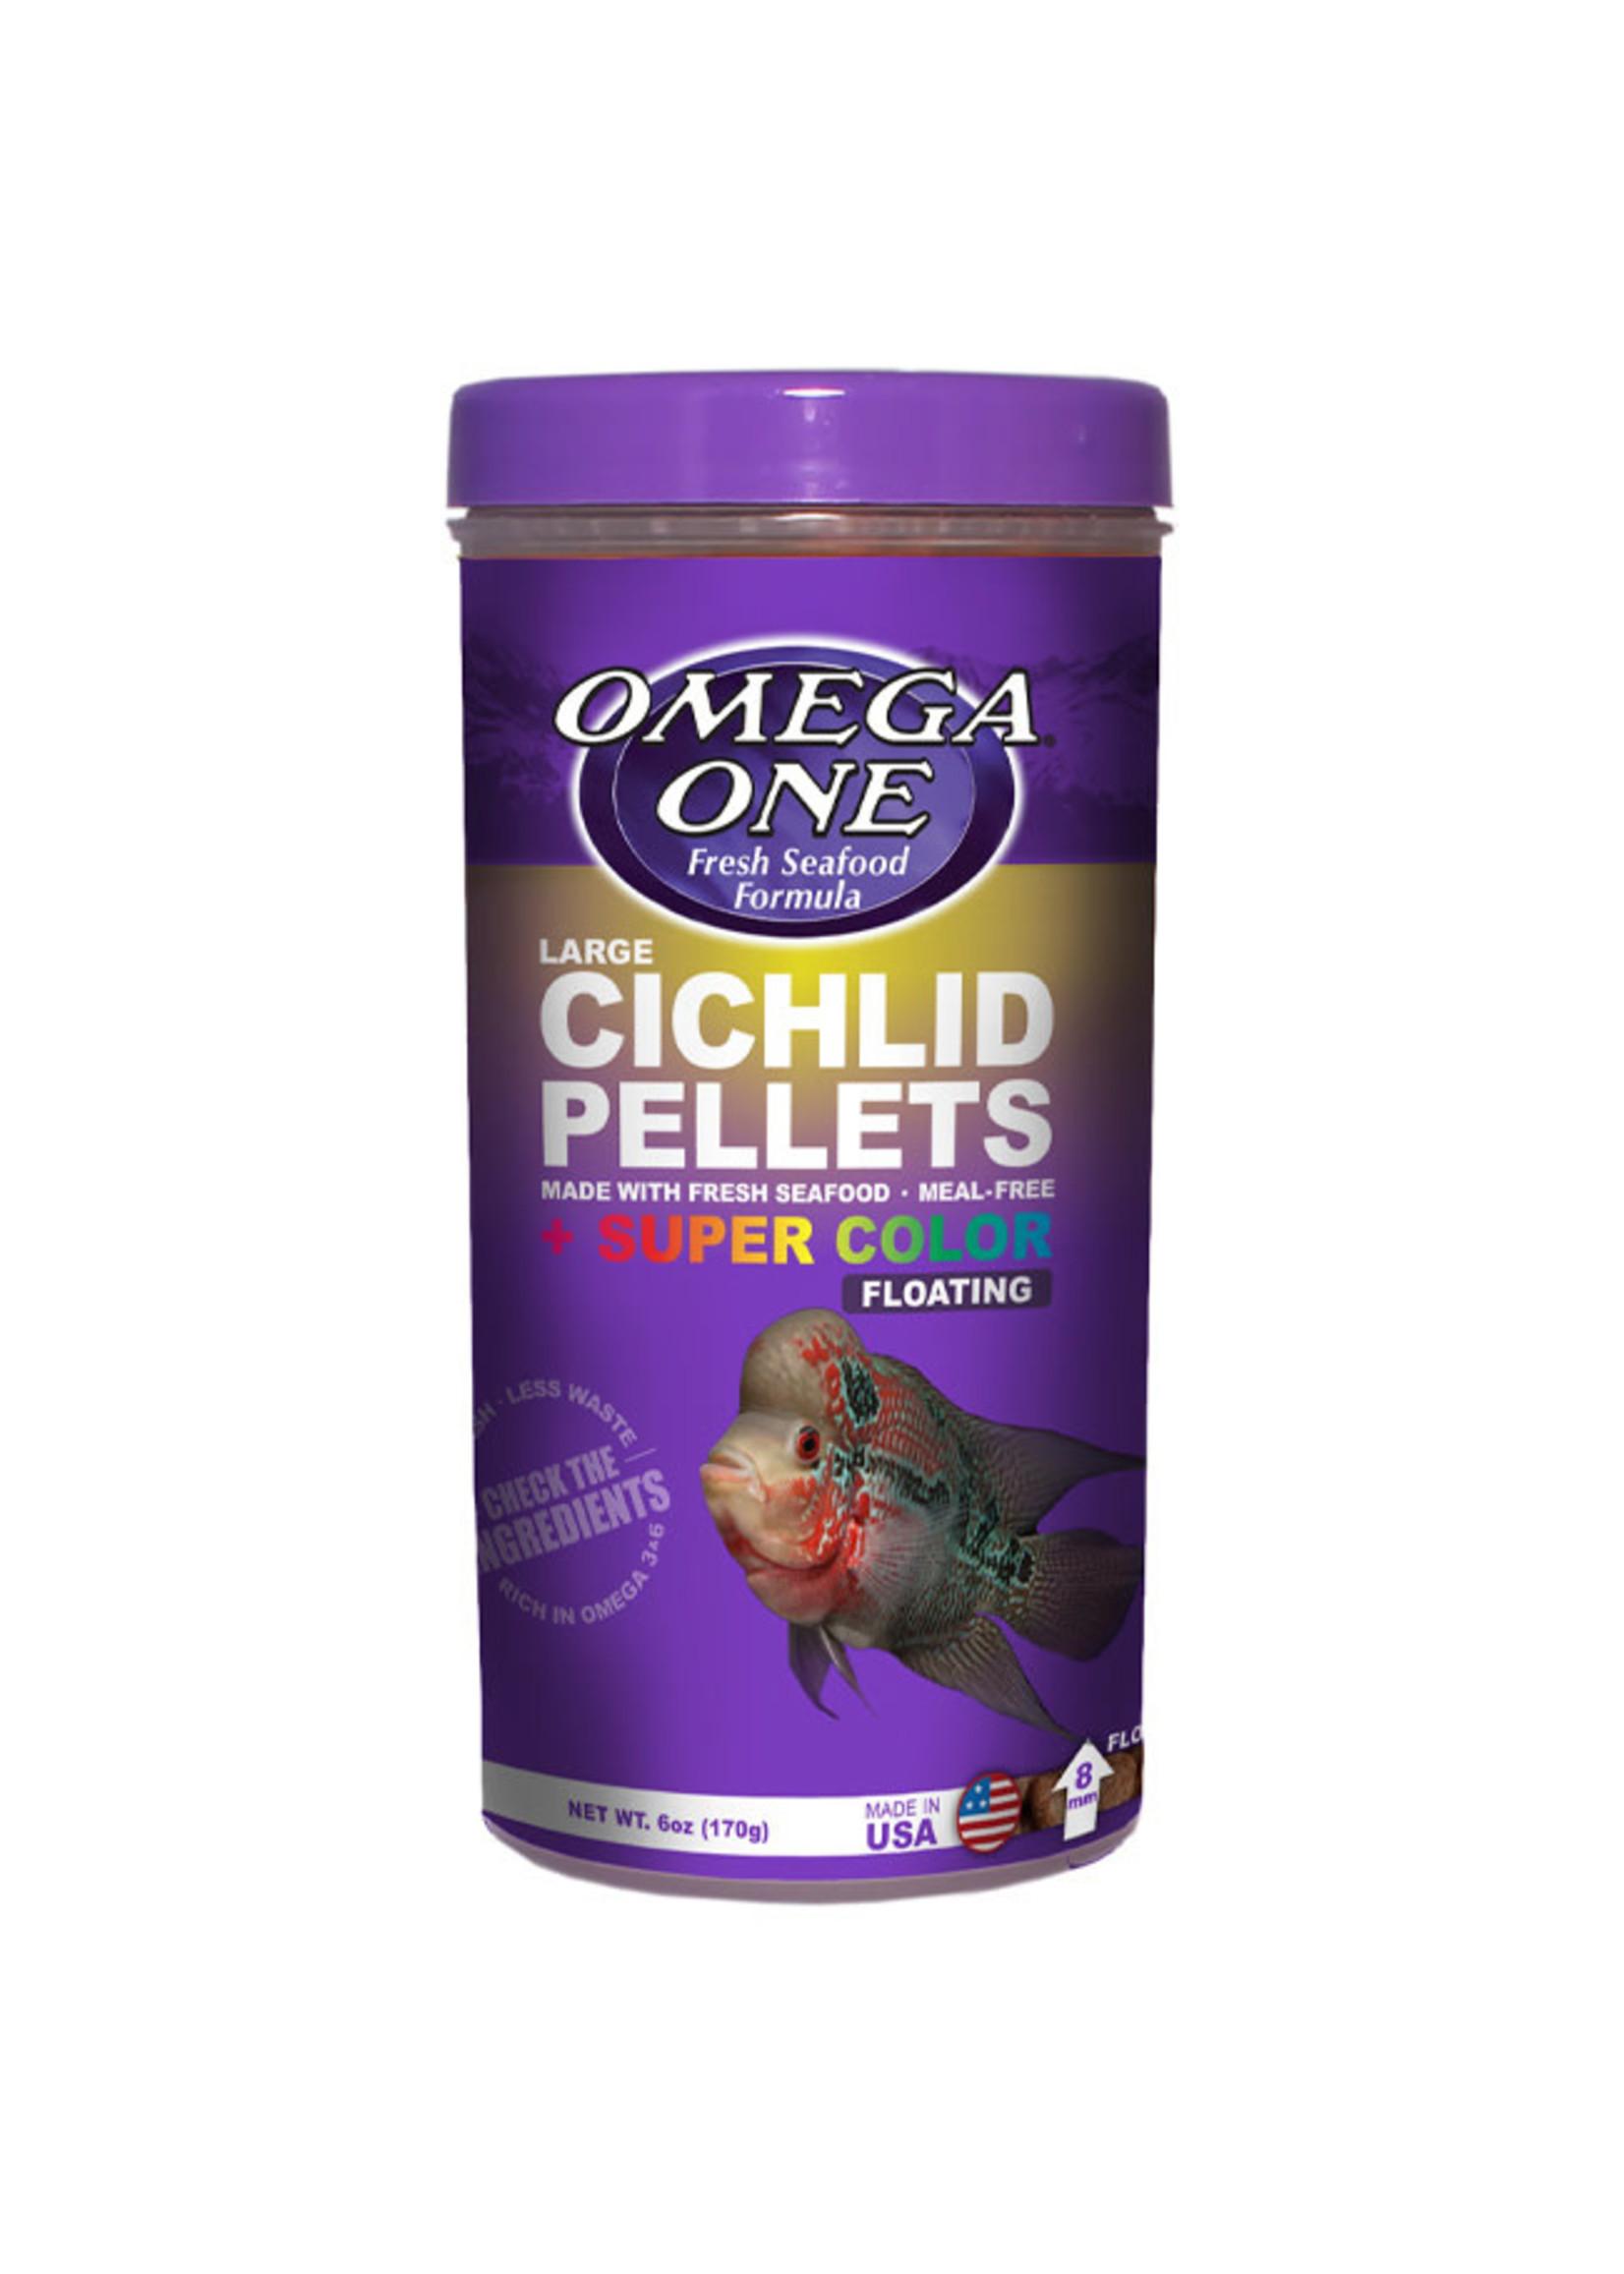 Omega One Omega One Cichlid Floating Pellets